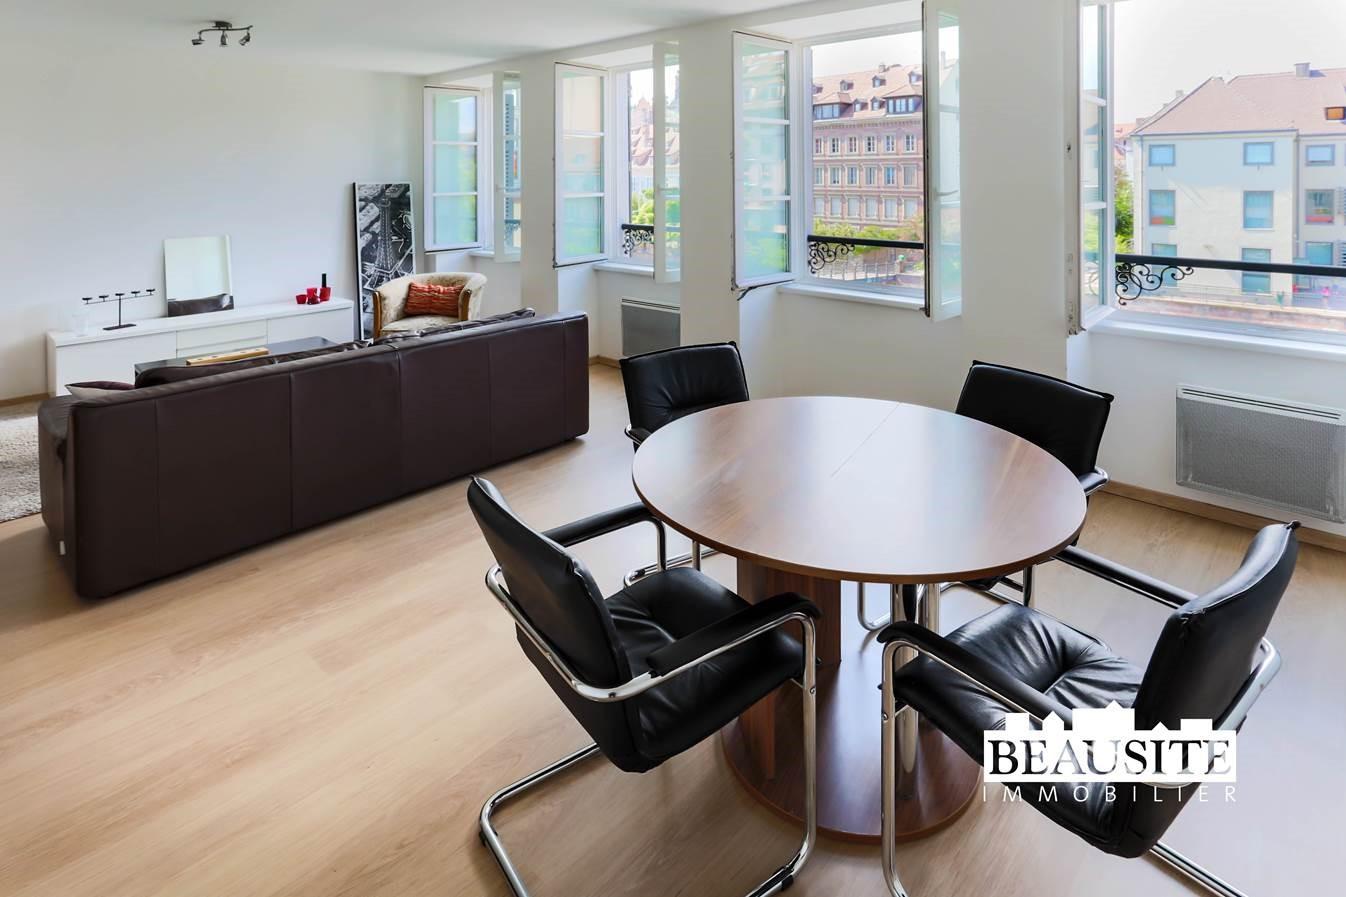 [Le Batelier] Agréable 2 pièces meublé - Krutenau / Quai des Bateliers - nos locations - Beausite Immobilier 1